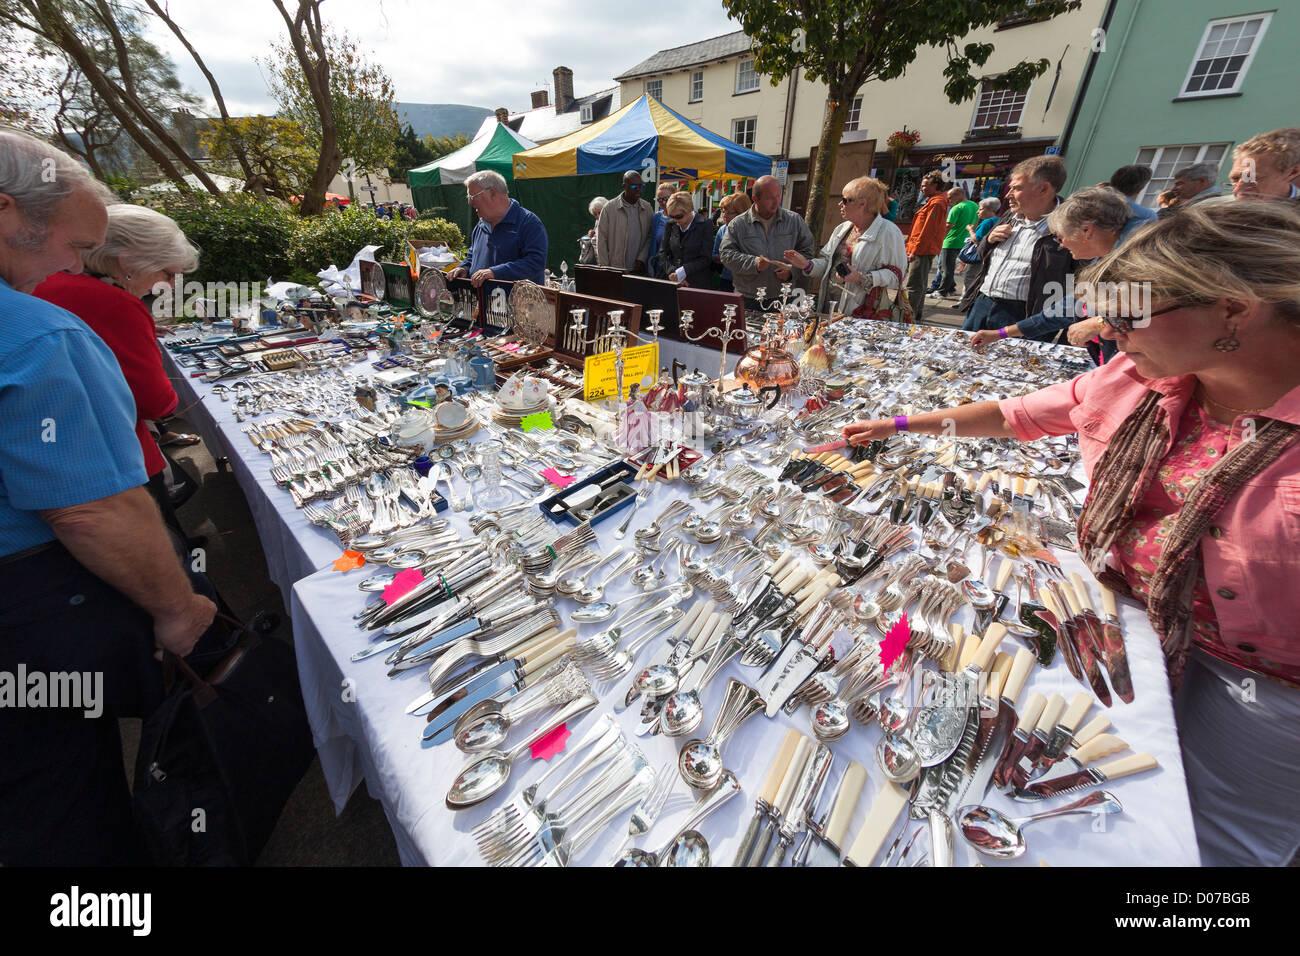 Gebrauchte Tafelsilber und Besteck zum Verkauf im Markt stehen, Abergavenny Food Festical, Wales, UK Stockbild